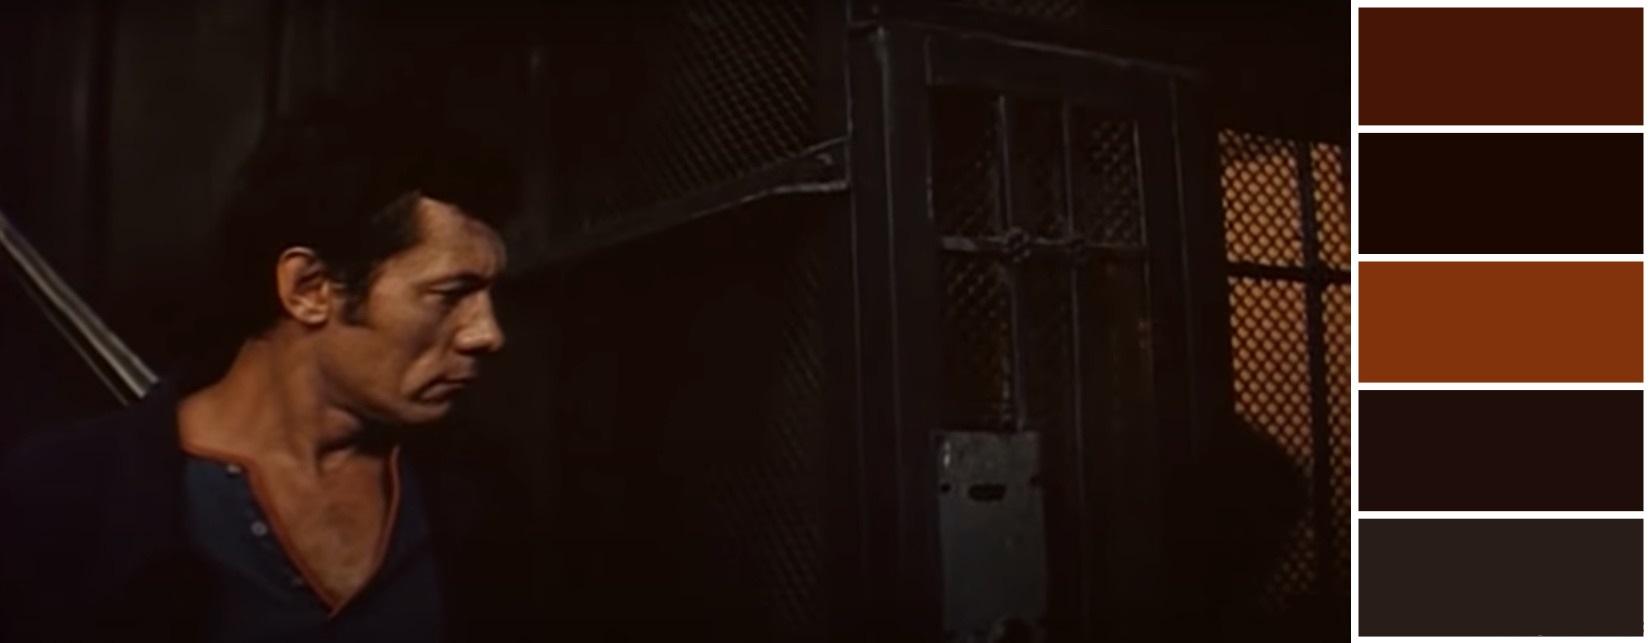 Лестница, решётка лифта, приглушенные цвета - всё как в правильном детективе